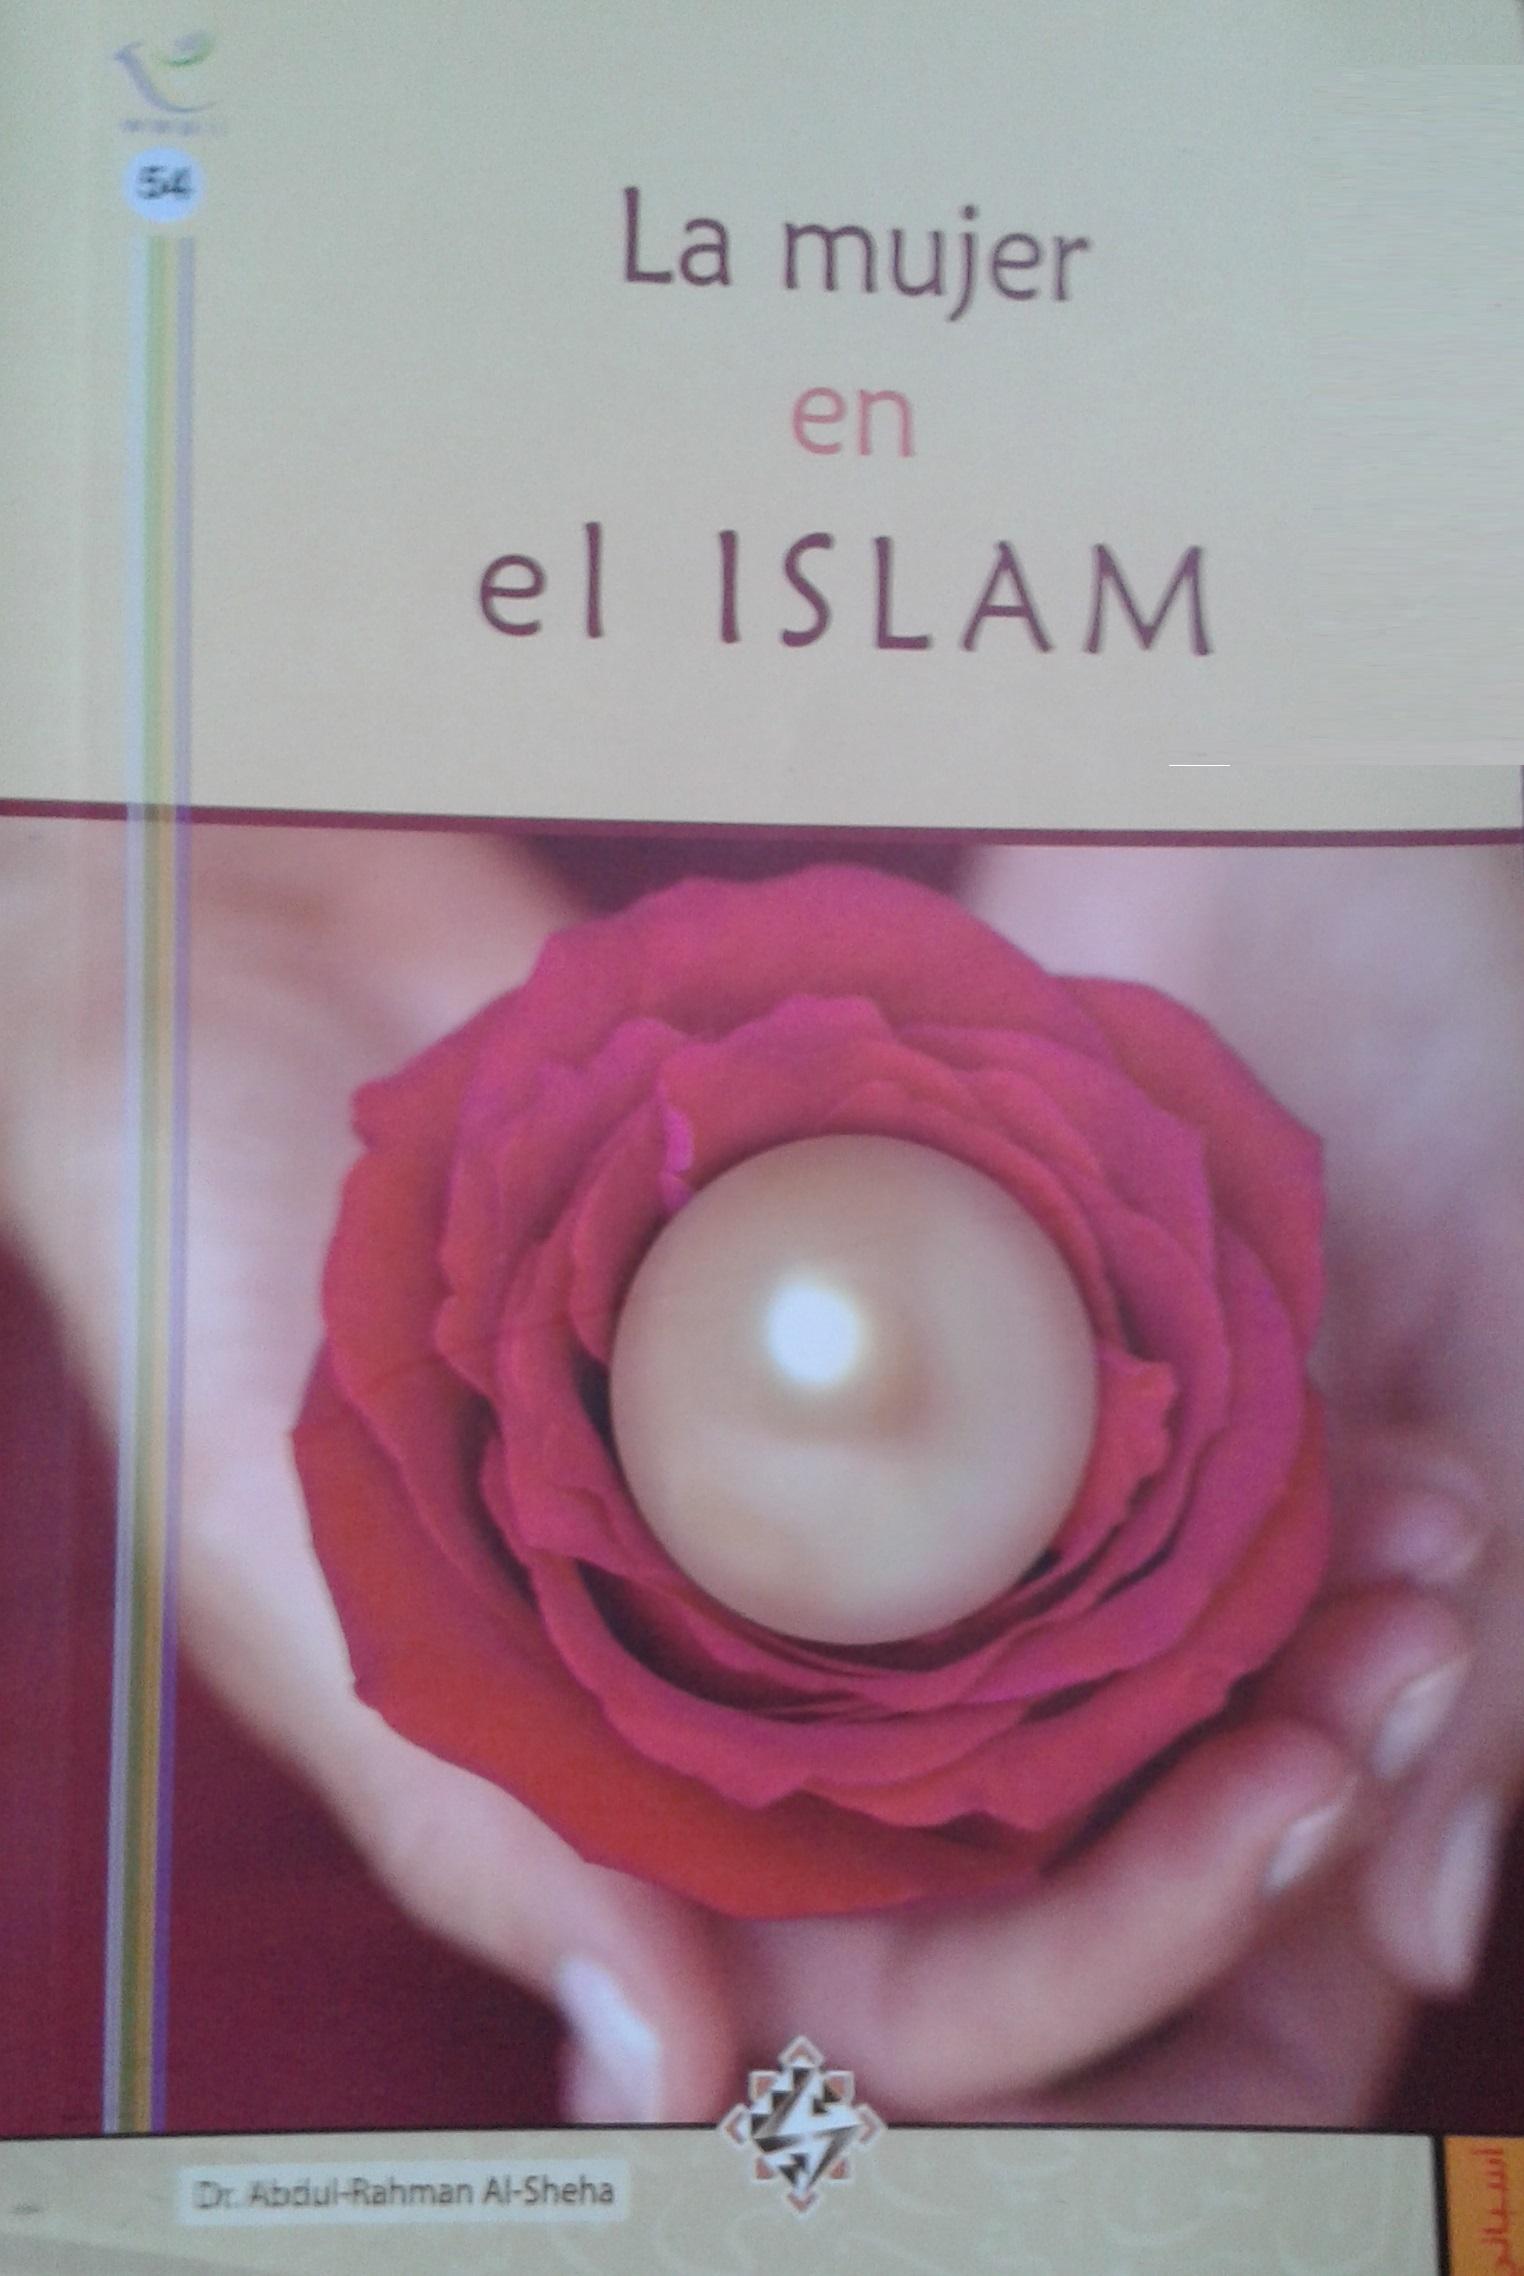 La mujer en el Islam: refutando los prejuicios más comunes  by  Abdul-Rahman al-Sheha